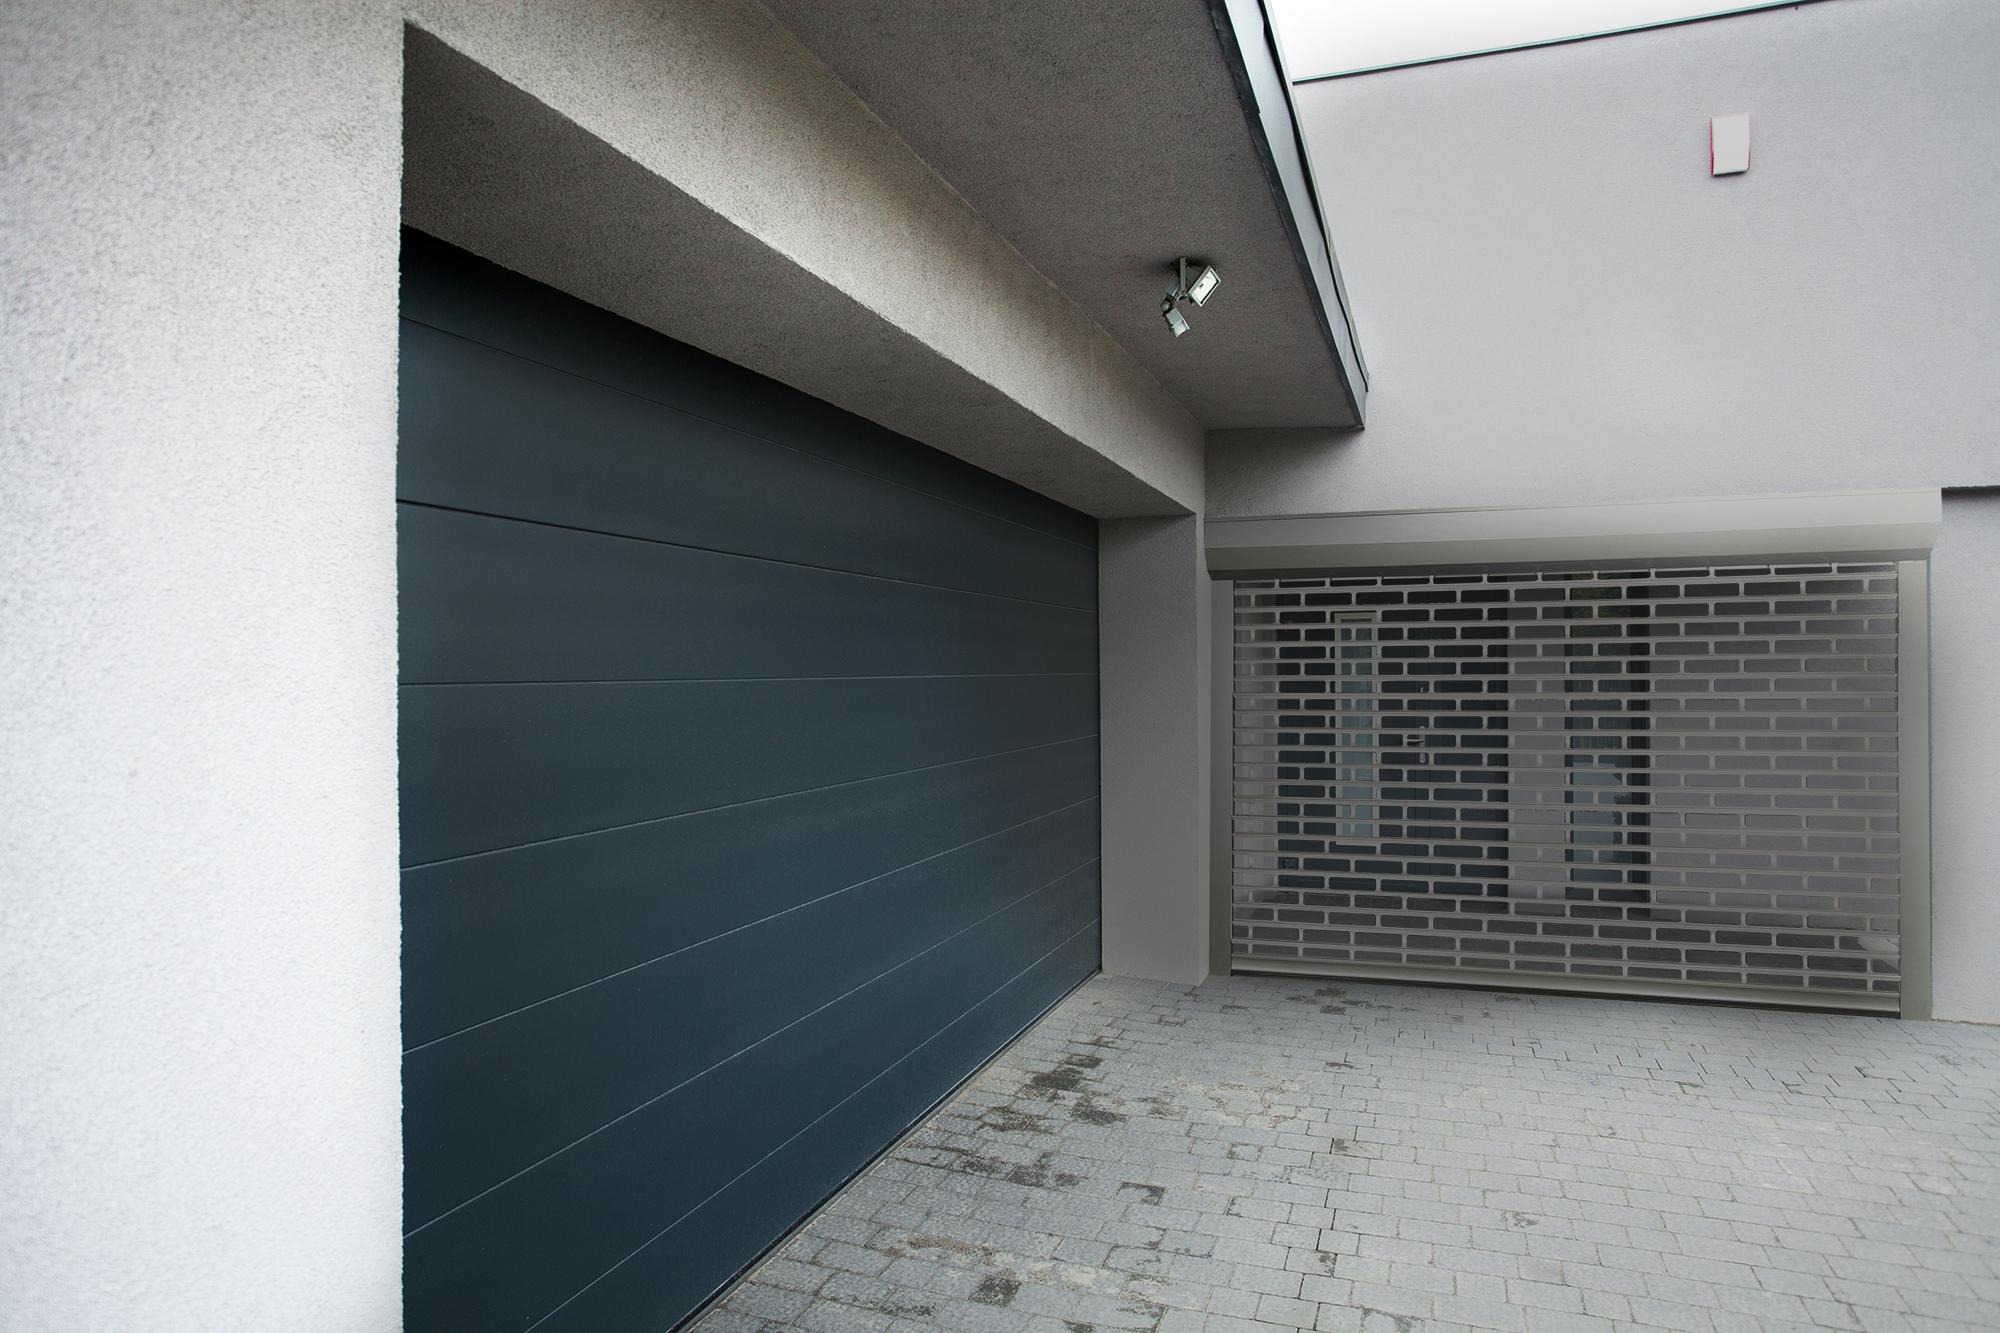 4m vente installation r paration de rideaux m talliques var. Black Bedroom Furniture Sets. Home Design Ideas